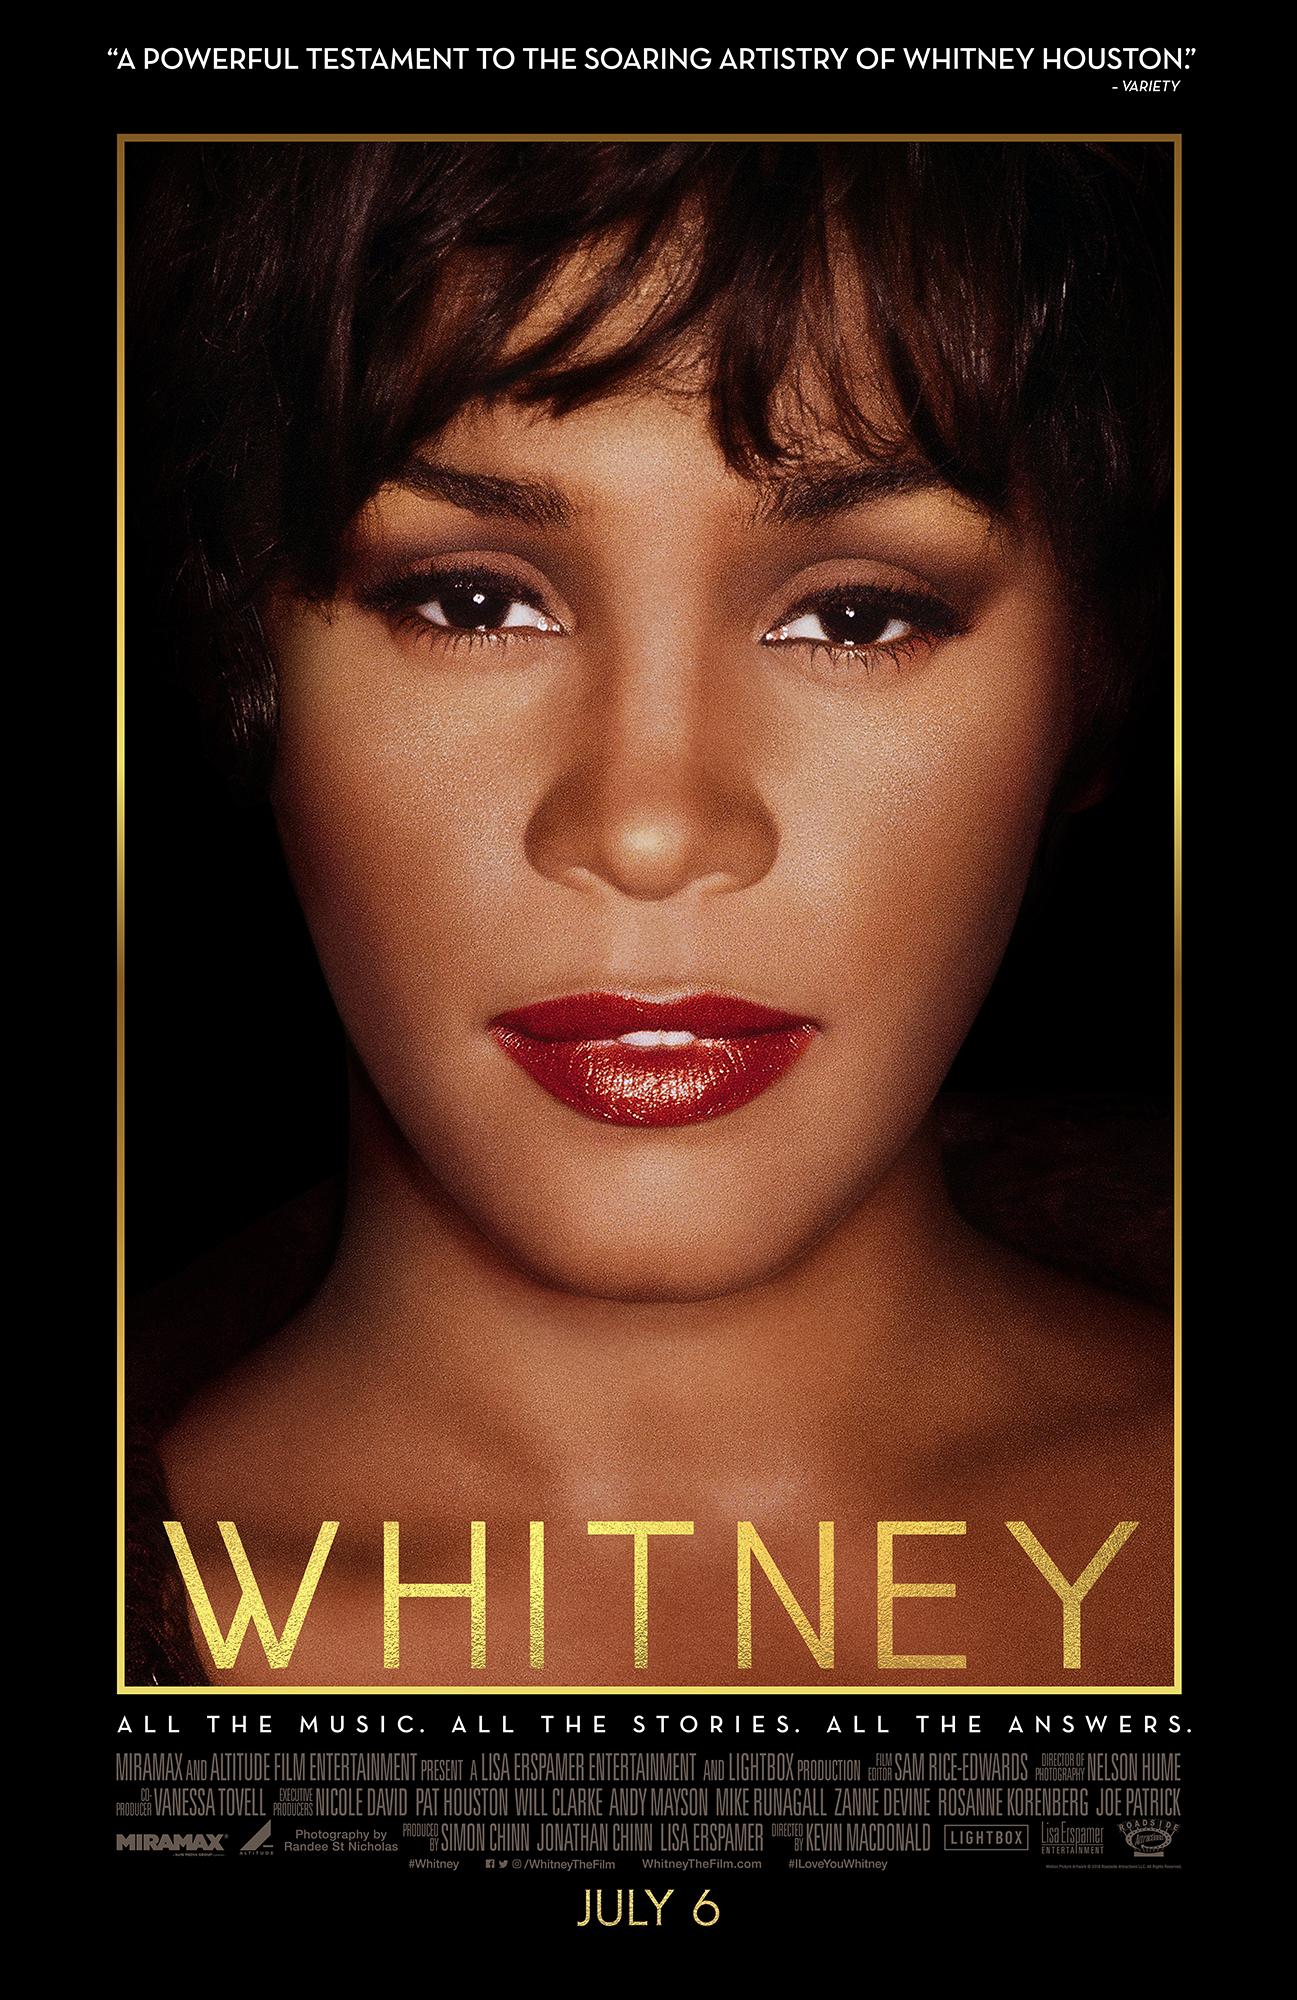 Whitney_1Sheet_Payoff_VF_100dpi.jpg